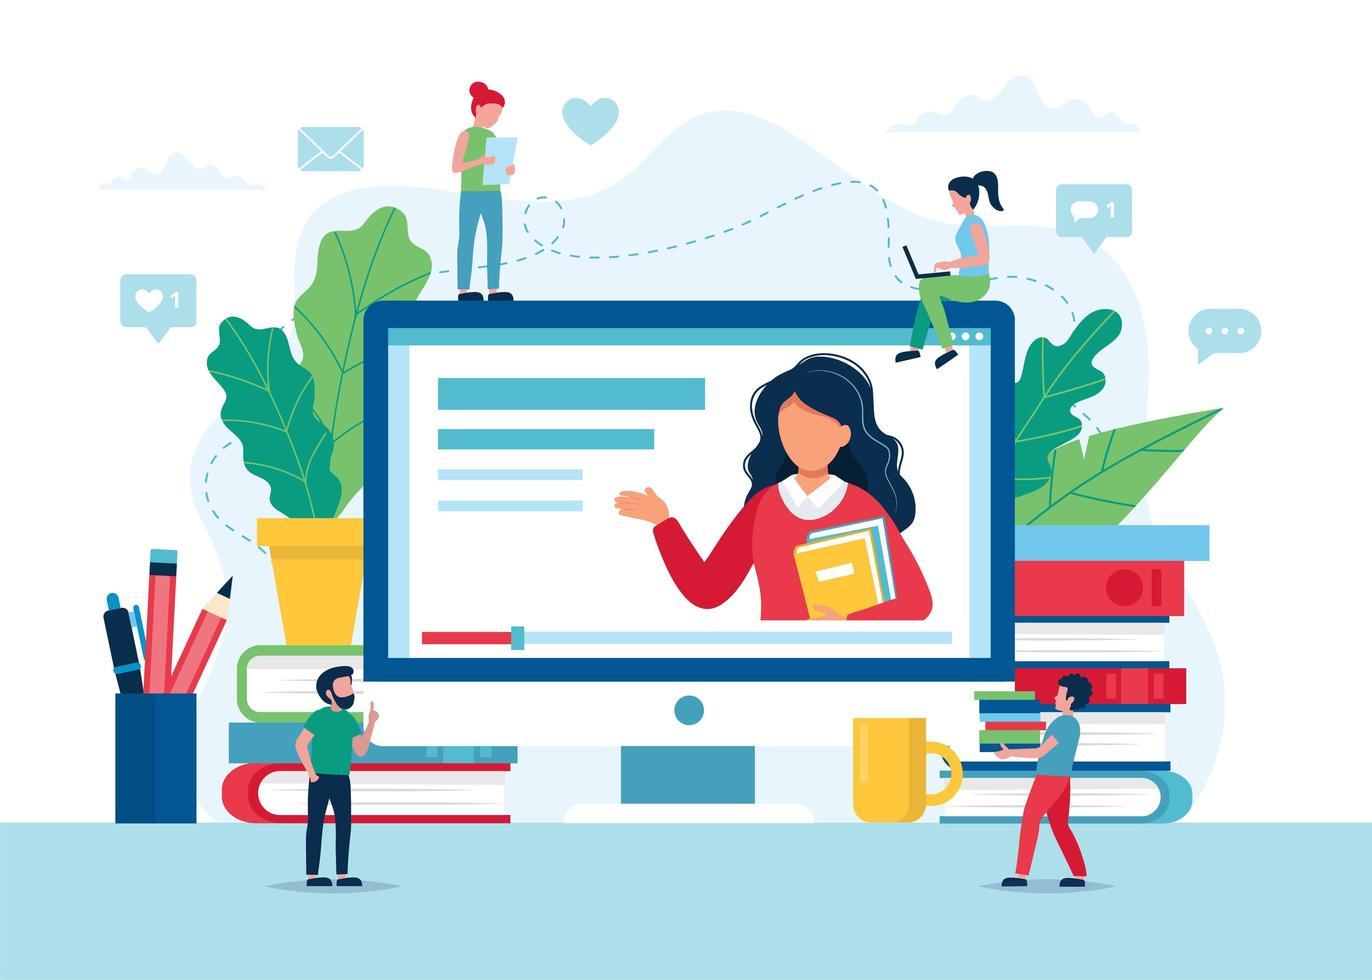 pantalla de educación en línea con profesor, libros y lápices vector